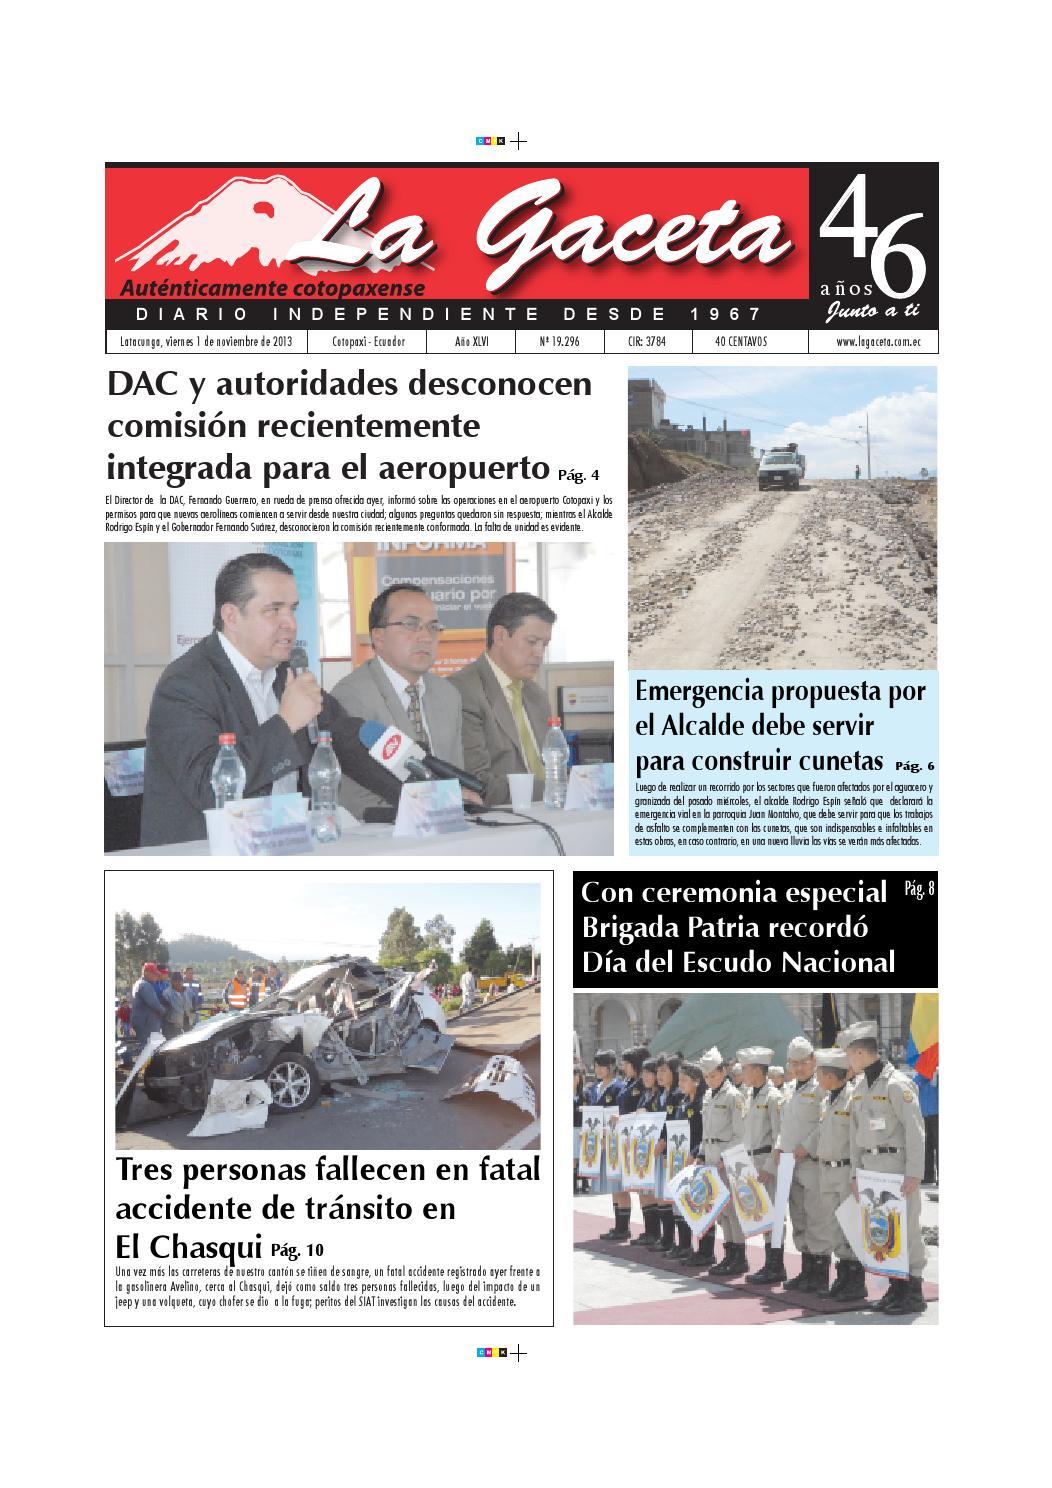 La Gaceta 1 noviembre 2013 by Diario La Gaceta - issuu